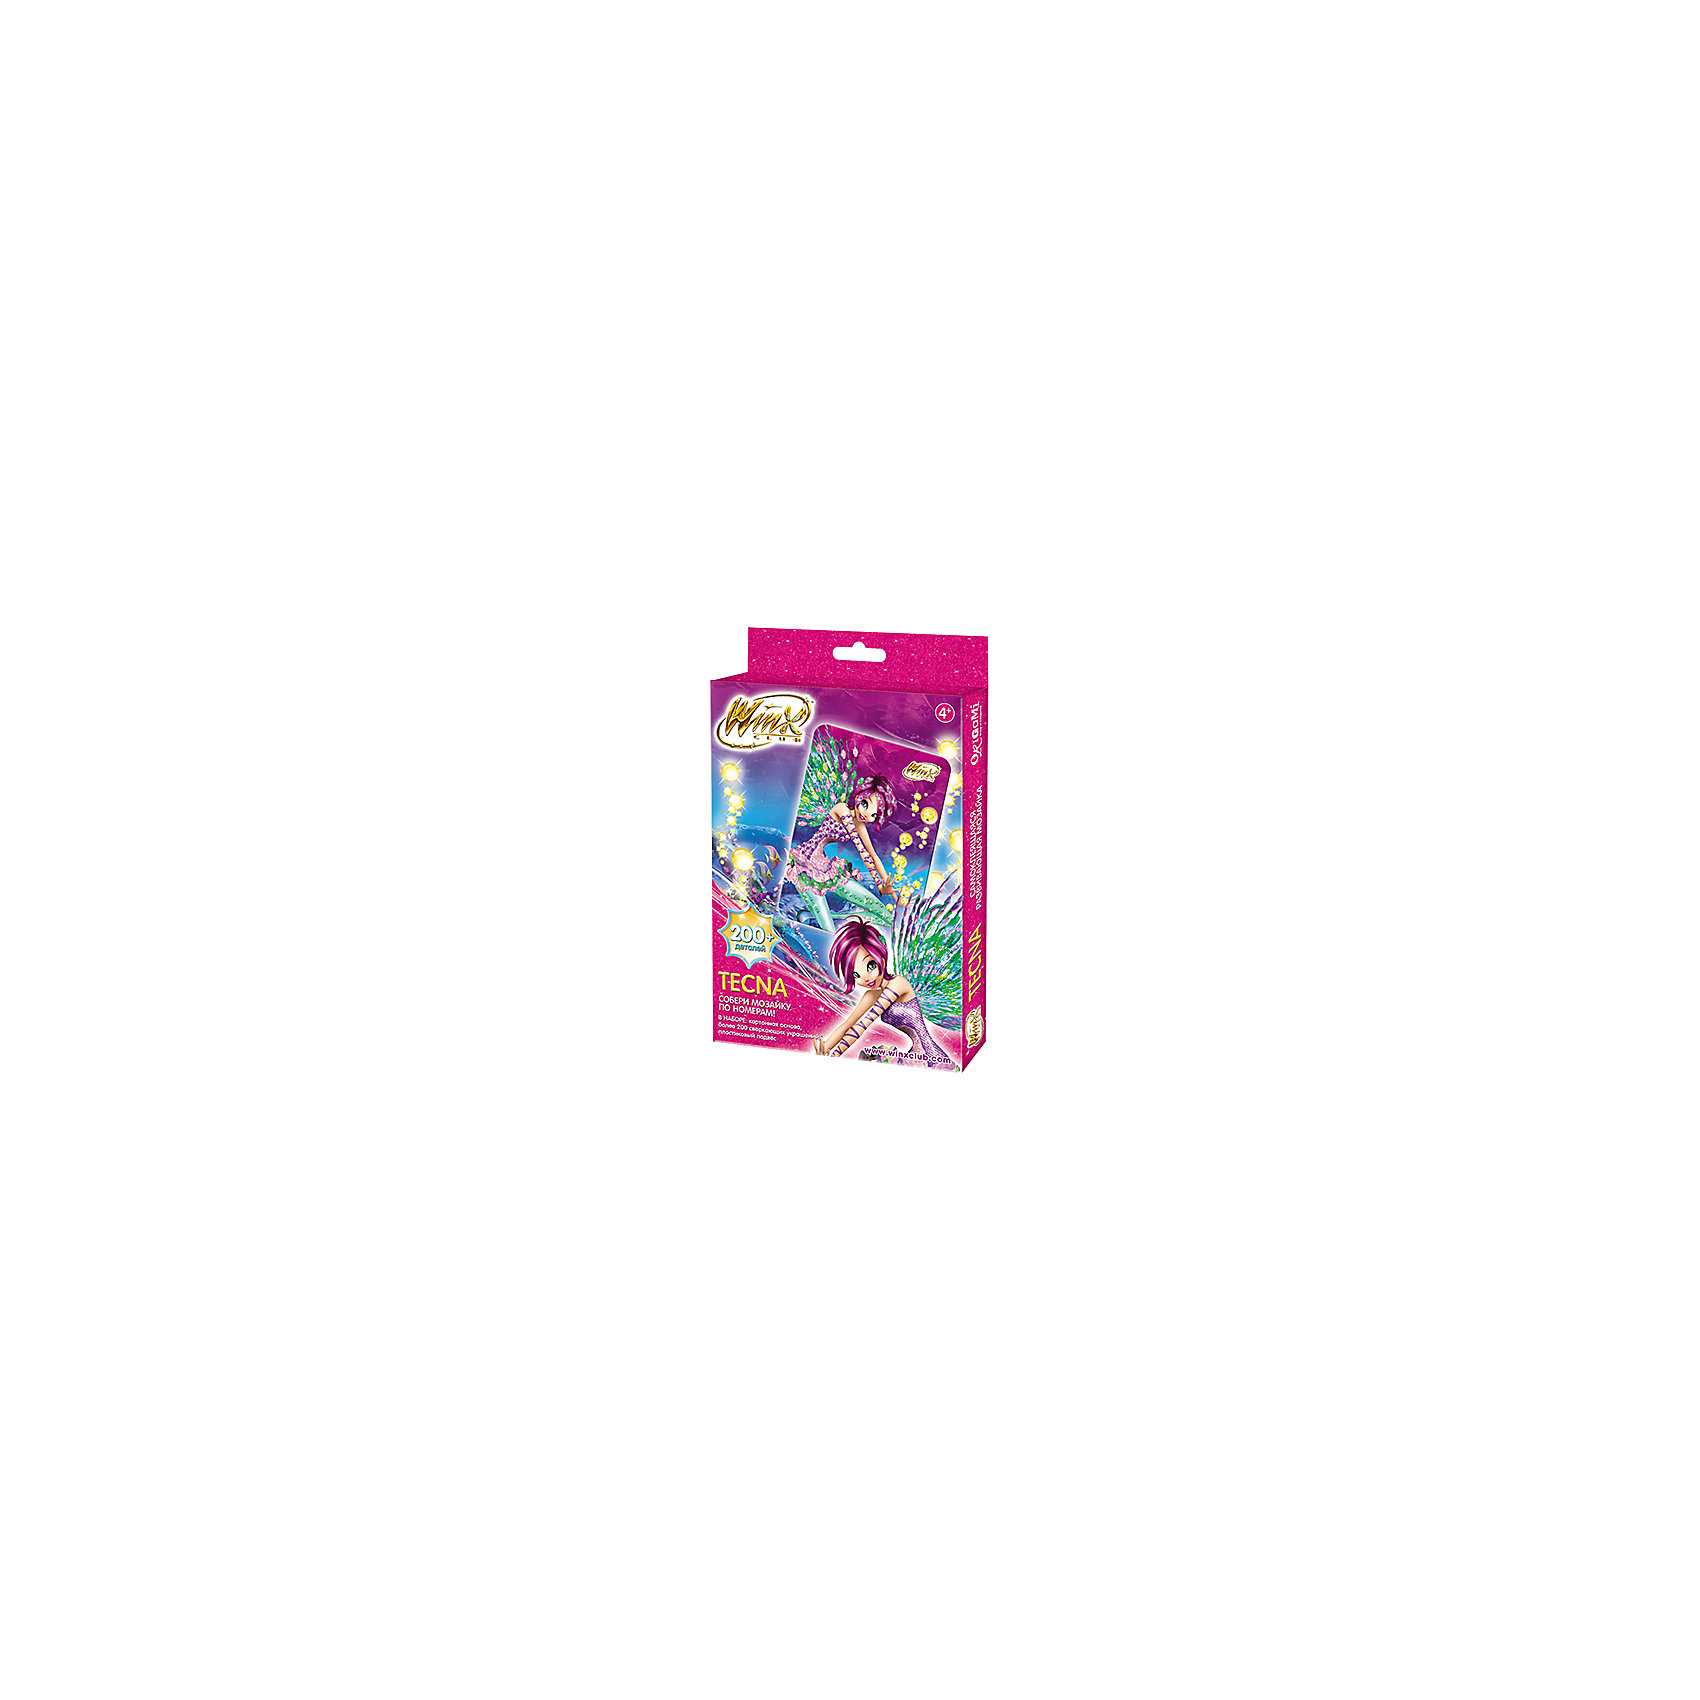 Самоклеющаяся мозаика Текна, Winx ClubСамоклеющаяся мозаика Текна, Winx Club – это увлекательный набор, который поможет малышке без ножниц и клея создать красивую картину.<br>Самоклеющаяся мозаика Текна отличается высоким качеством исполнения и красочным цветовым дизайном. Набор поможет в обучении цветам и цифрам, ведь подбирать и наклеивать разноцветные стразы необходимо по цифрам. Каждому цвету соответствует своя цифра, а когда малышка наклеит все самоклеющиеся стразы, по схеме, она получит оригинальное разноцветное изображение. Готовую картинку можно повесить на стену, прикрепив ее на подвес, а из оставшихся элементов создать свою собственную мозаику. Яркая мозаика поможет детям сделать шаги в мир цвета, формы и фантазии, сделает пальцы послушными, научит азам моделирования, разовьёт мелкую моторику рук, внимательность и усидчивость, сформирует наглядно-образное и логическое мышление.<br><br>Дополнительная информация:<br><br>- В наборе: картонная основа, более 200 самоклеющихся страз, подвес<br>- Размер упаковки: 146х19х235 мм.<br>- Вес упаковки: 104 гр.<br><br>Самоклеющуюся мозаику Текна, Winx Club можно купить в нашем интернет-магазине.<br><br>Ширина мм: 146<br>Глубина мм: 19<br>Высота мм: 235<br>Вес г: 104<br>Возраст от месяцев: 48<br>Возраст до месяцев: 96<br>Пол: Женский<br>Возраст: Детский<br>SKU: 4075974